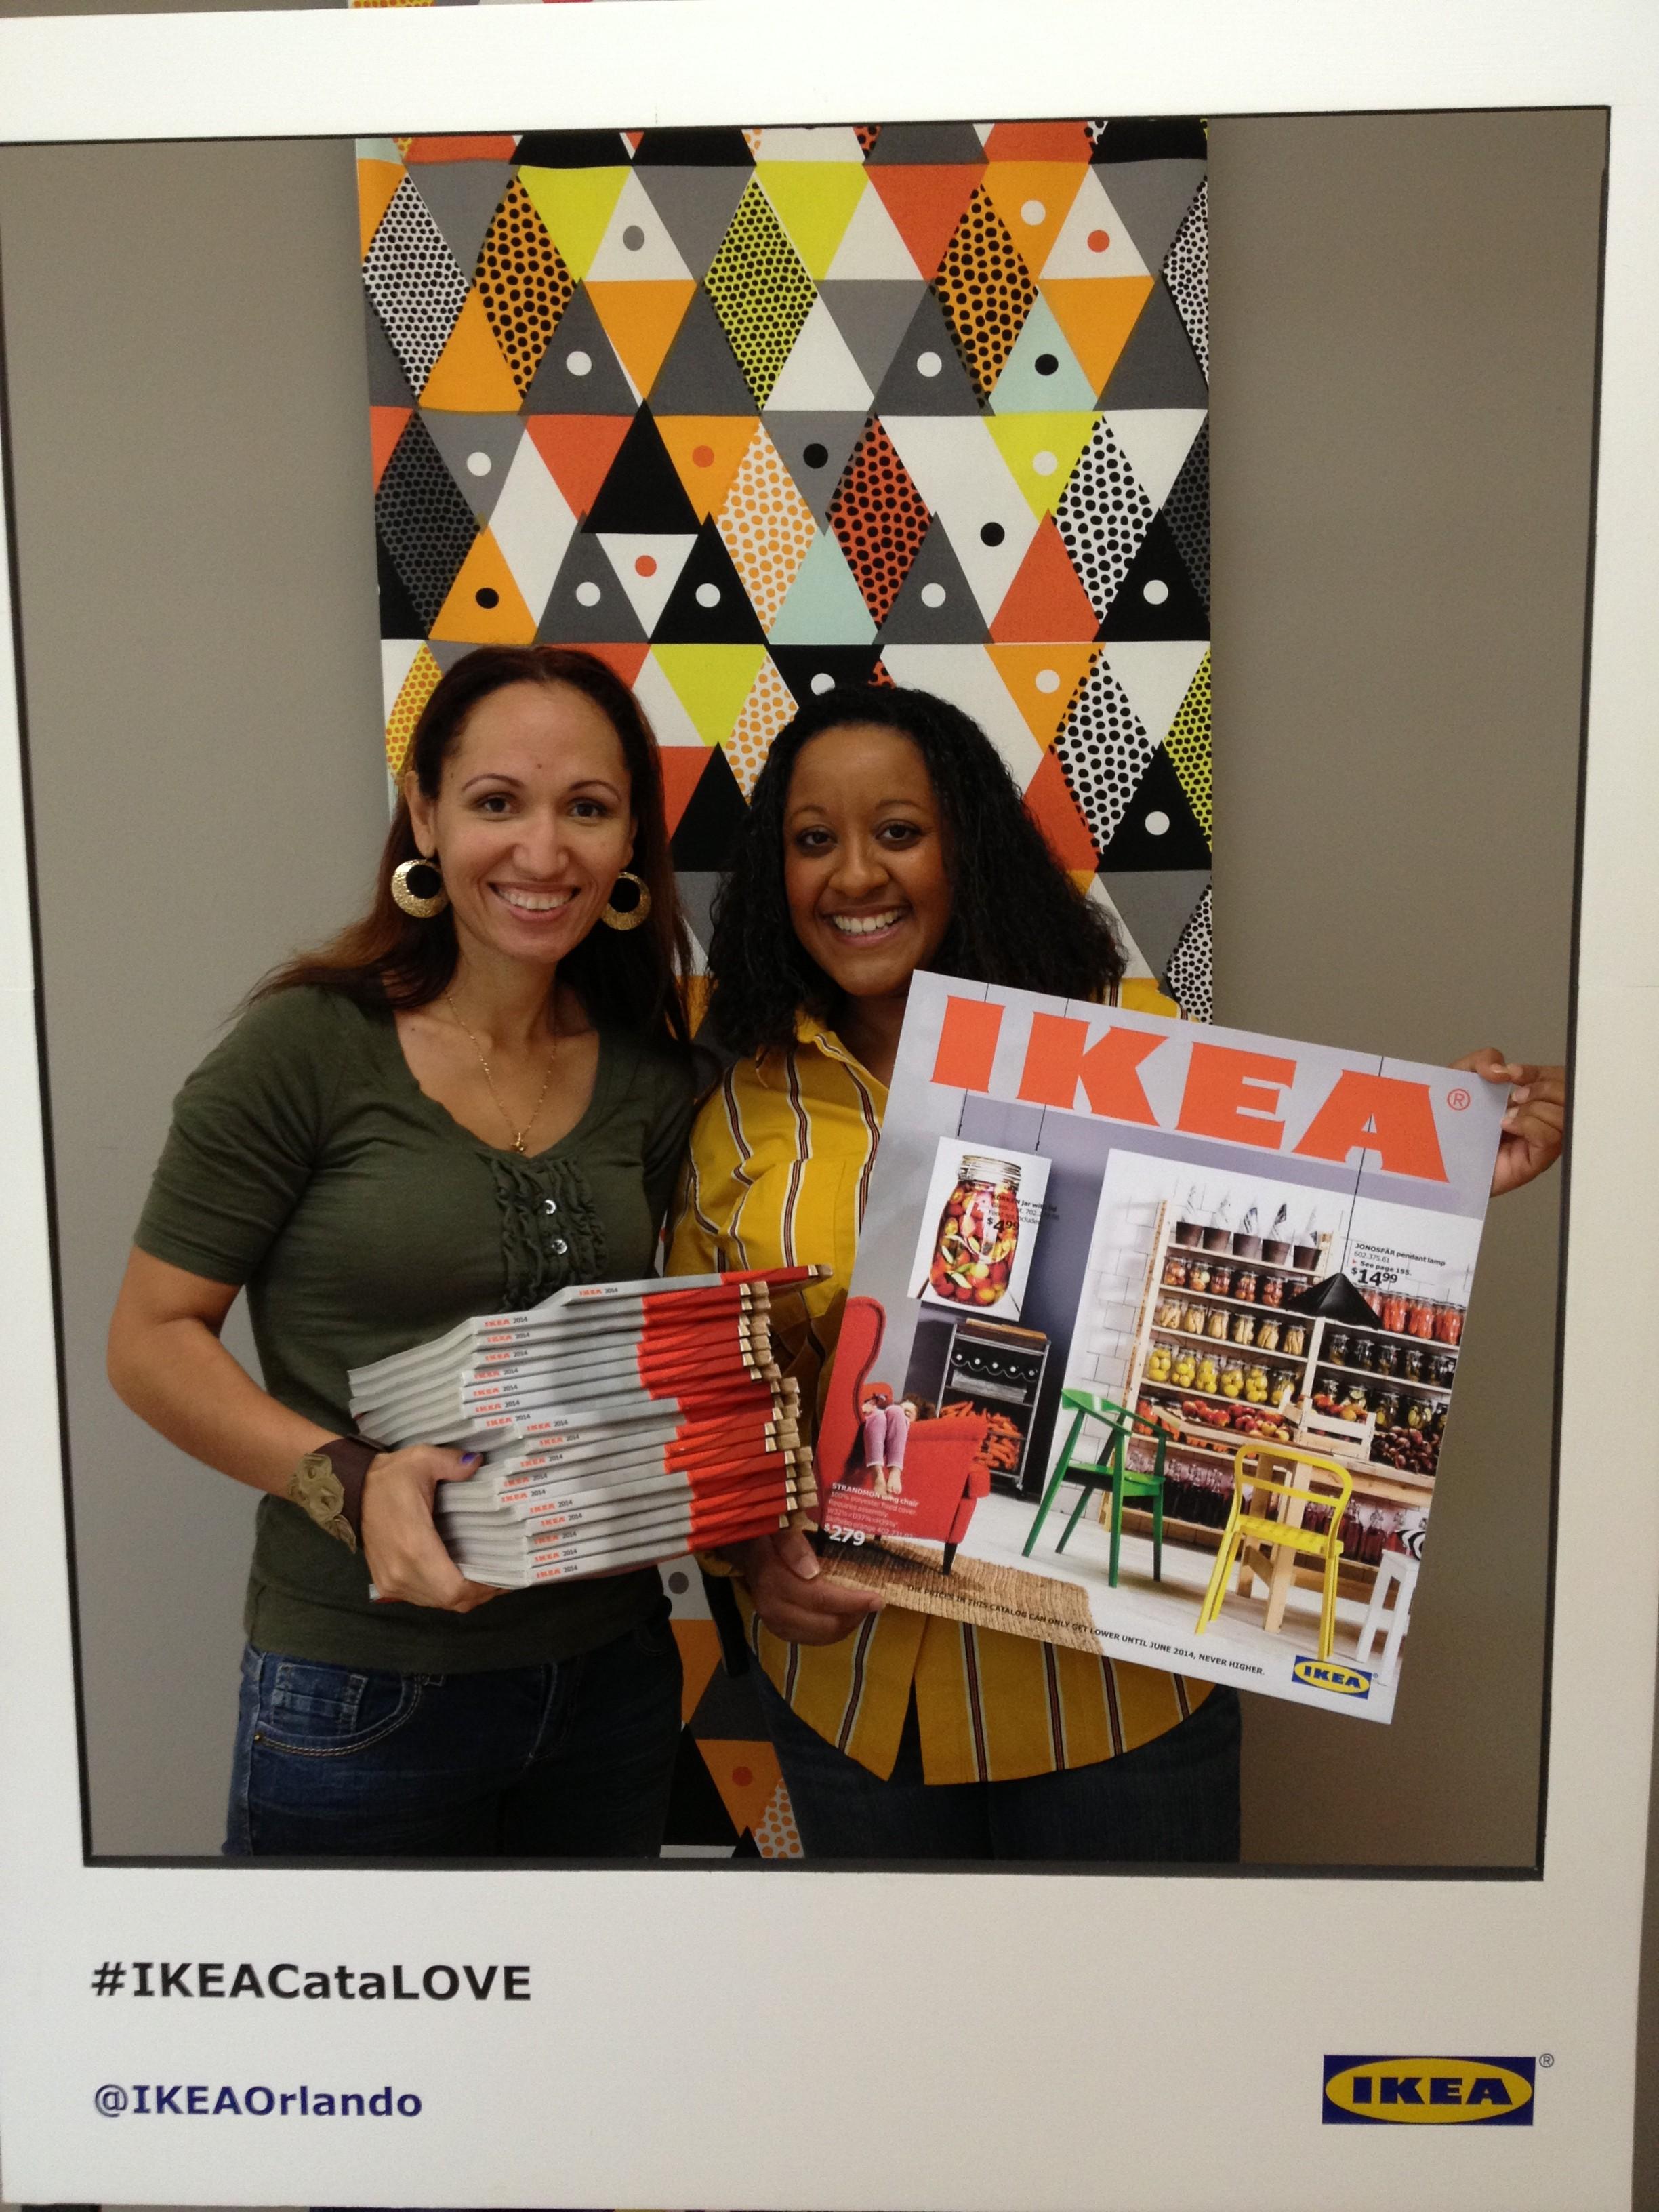 IKEA_Catalogs